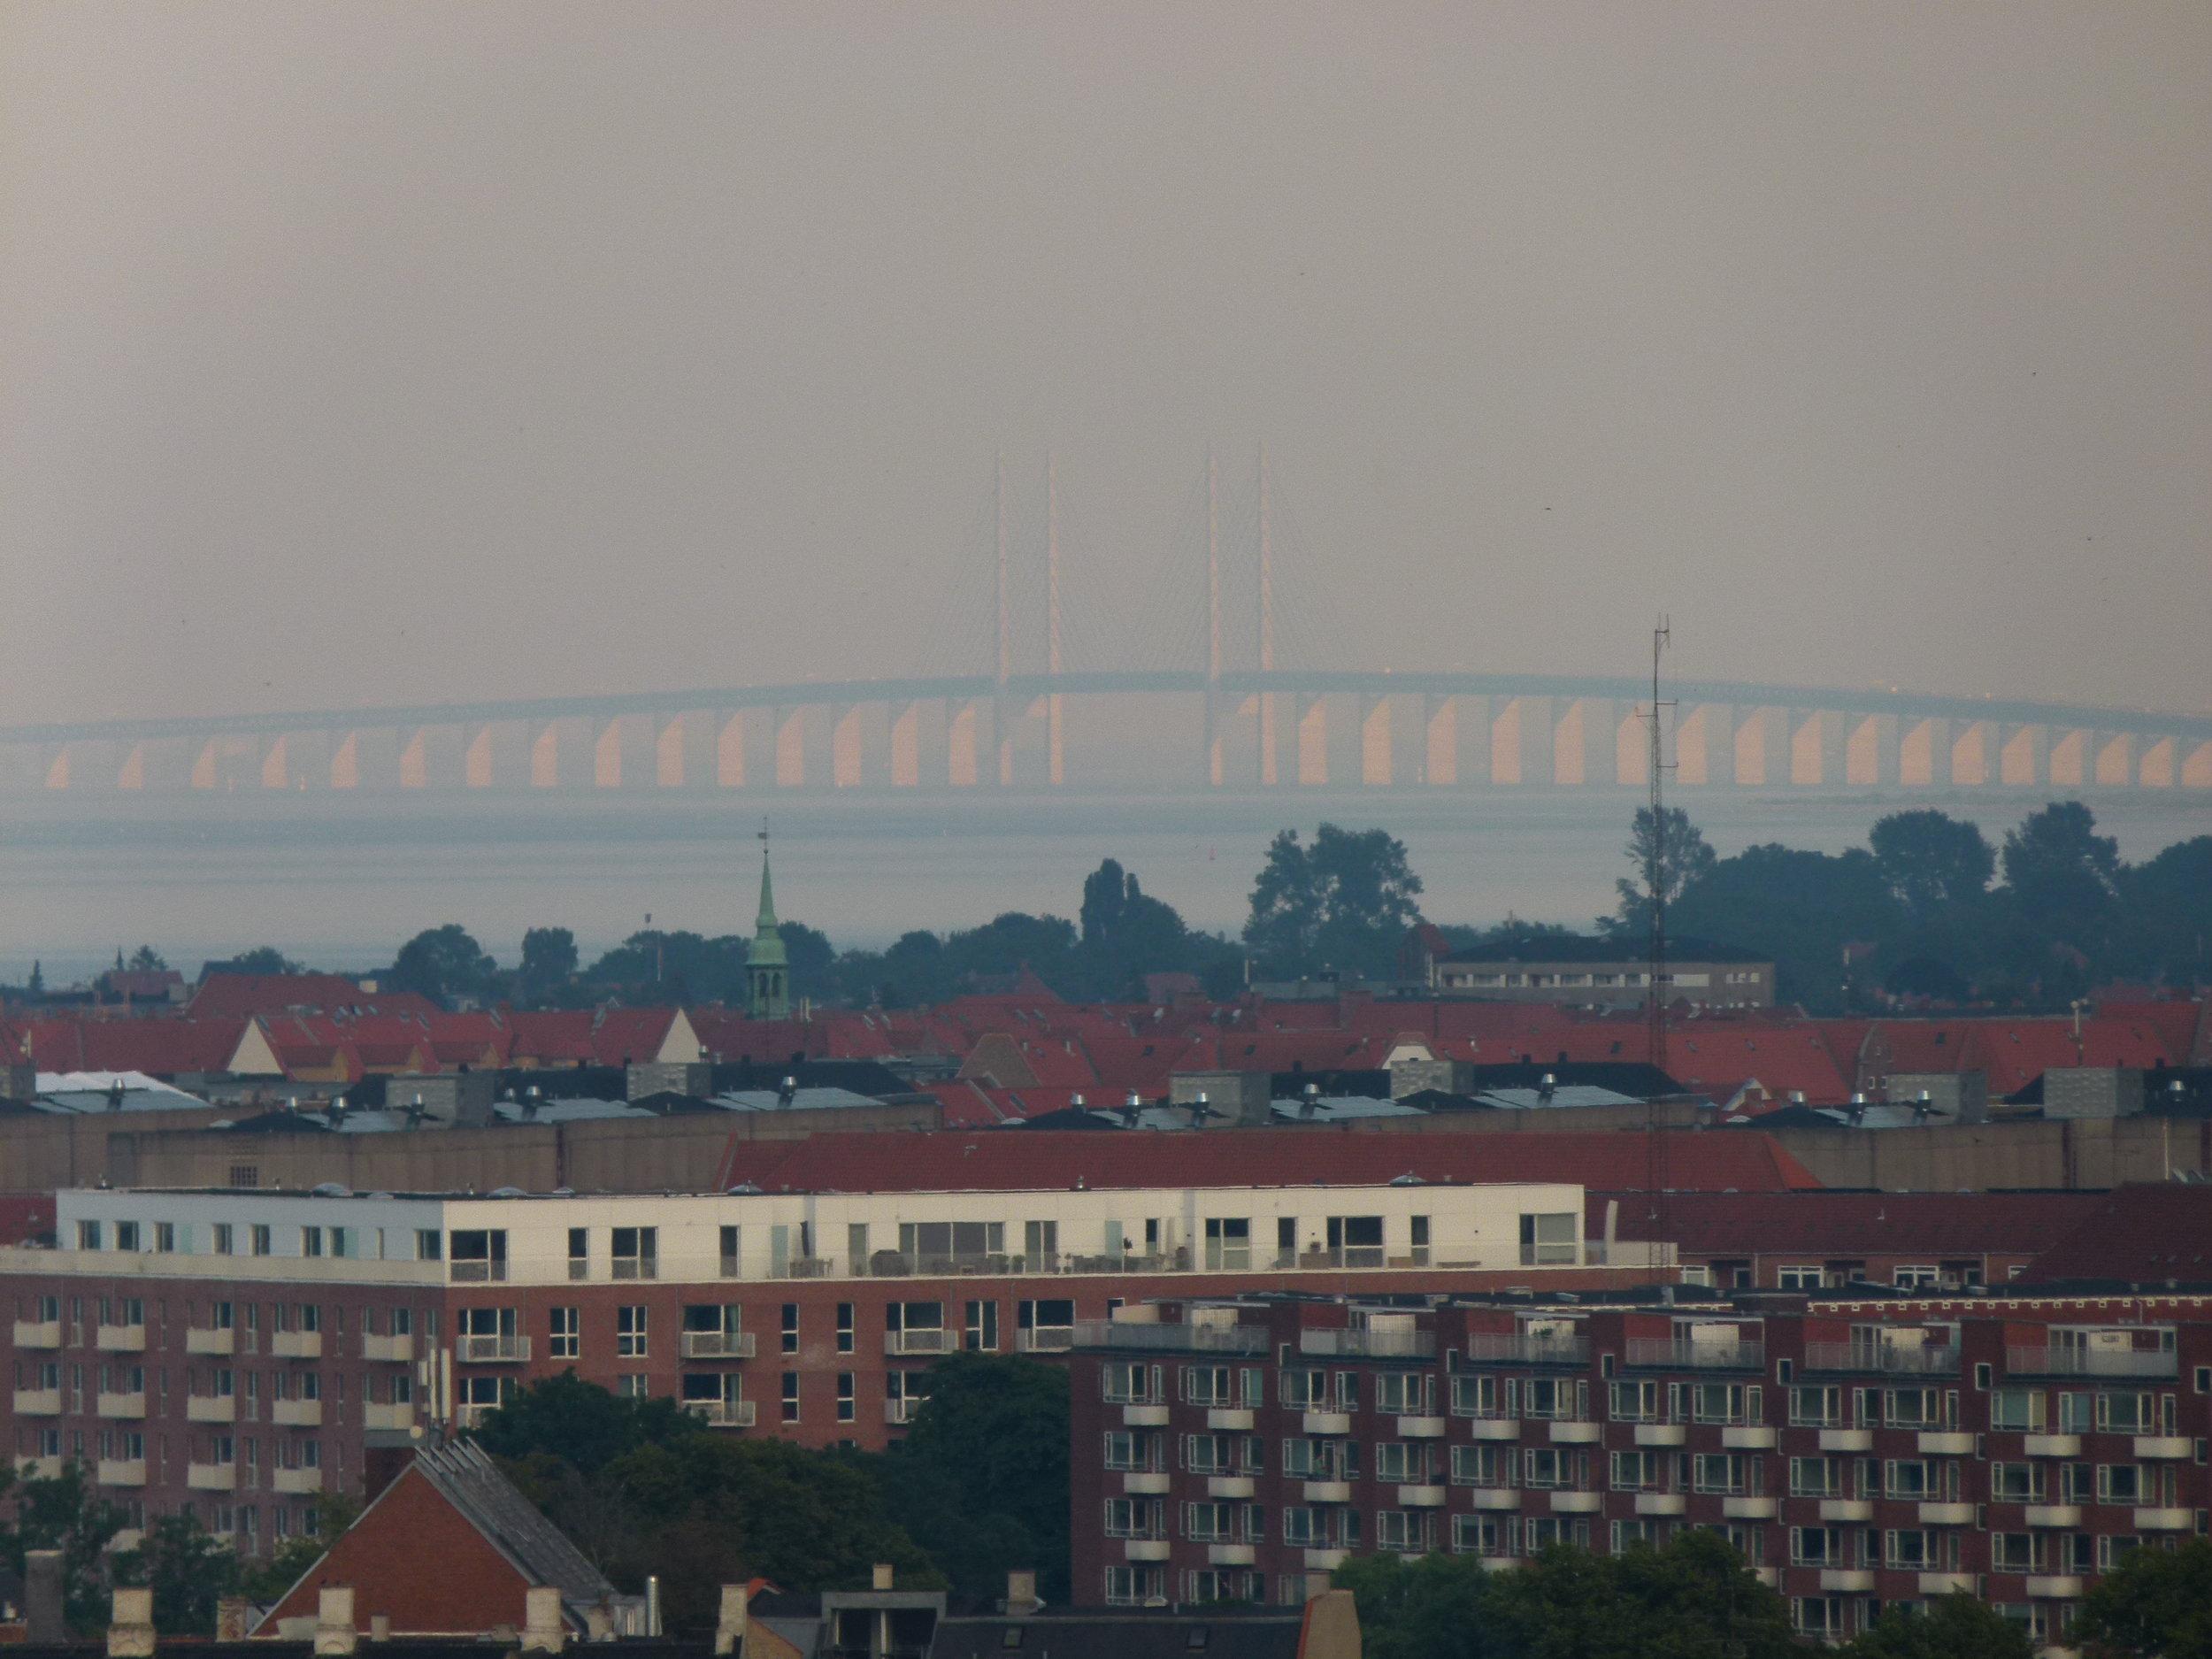 Öresundsbridge connecting Denmark and Sweden